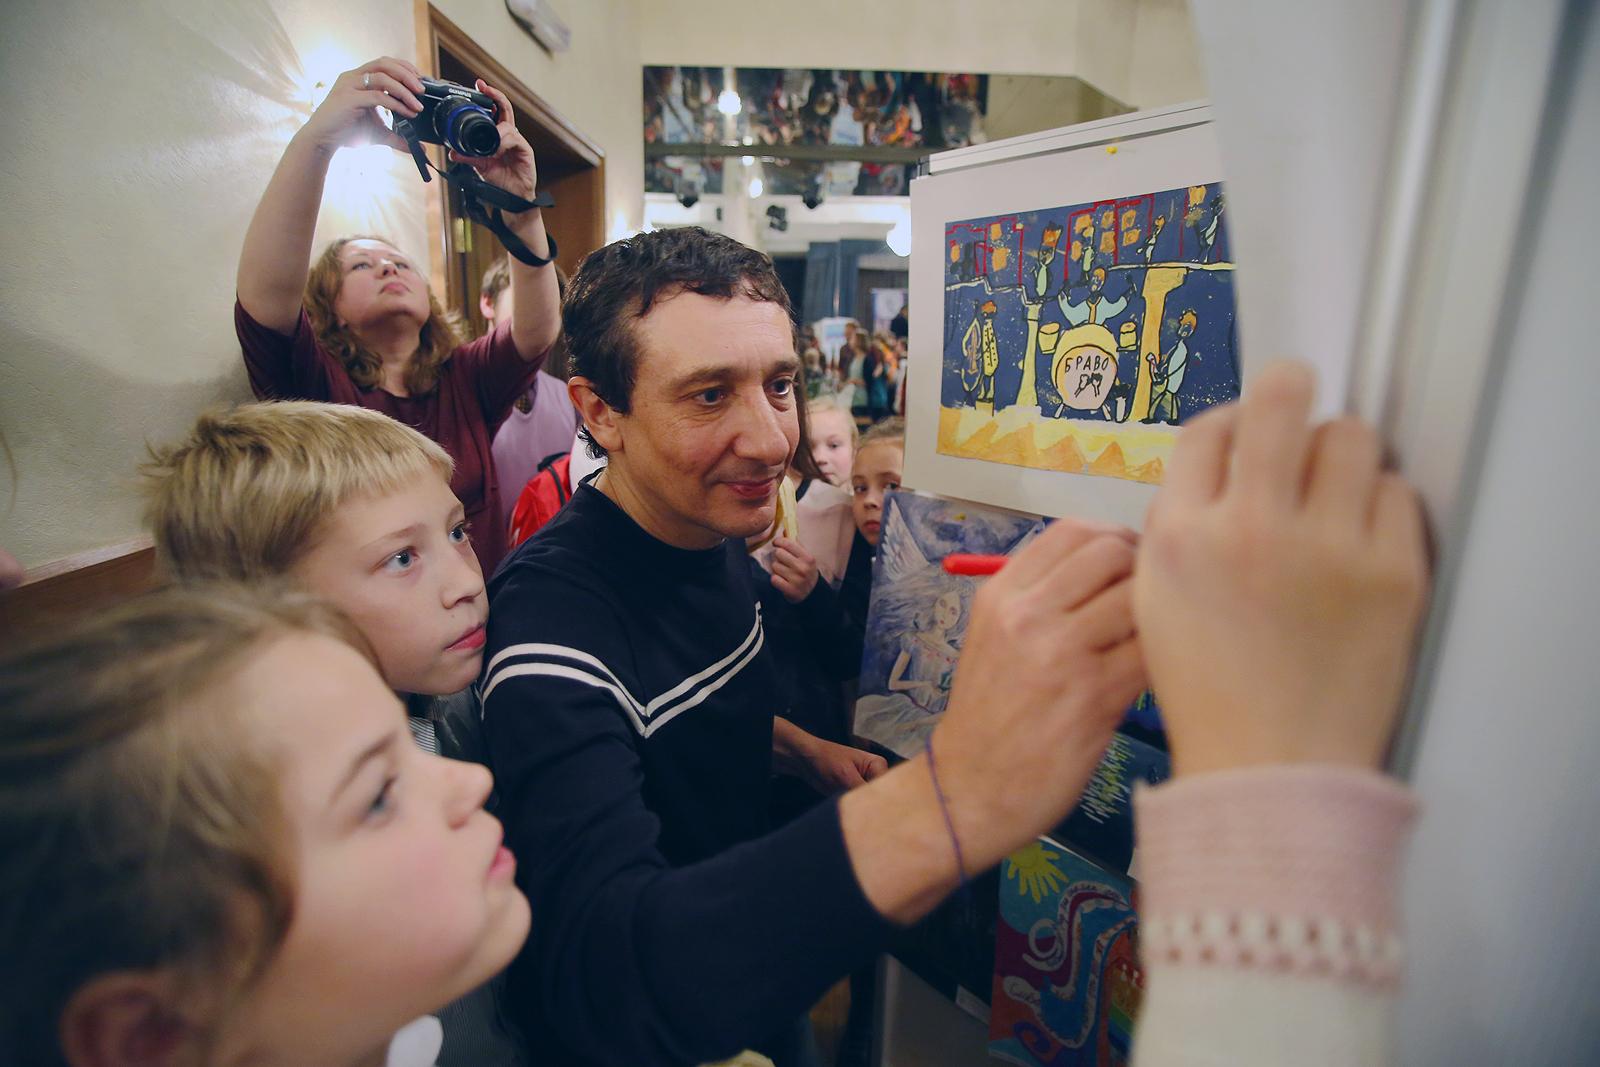 Евгений Хавтан оставил подпись почти на всех рисунках, а часть работ забрал на память.